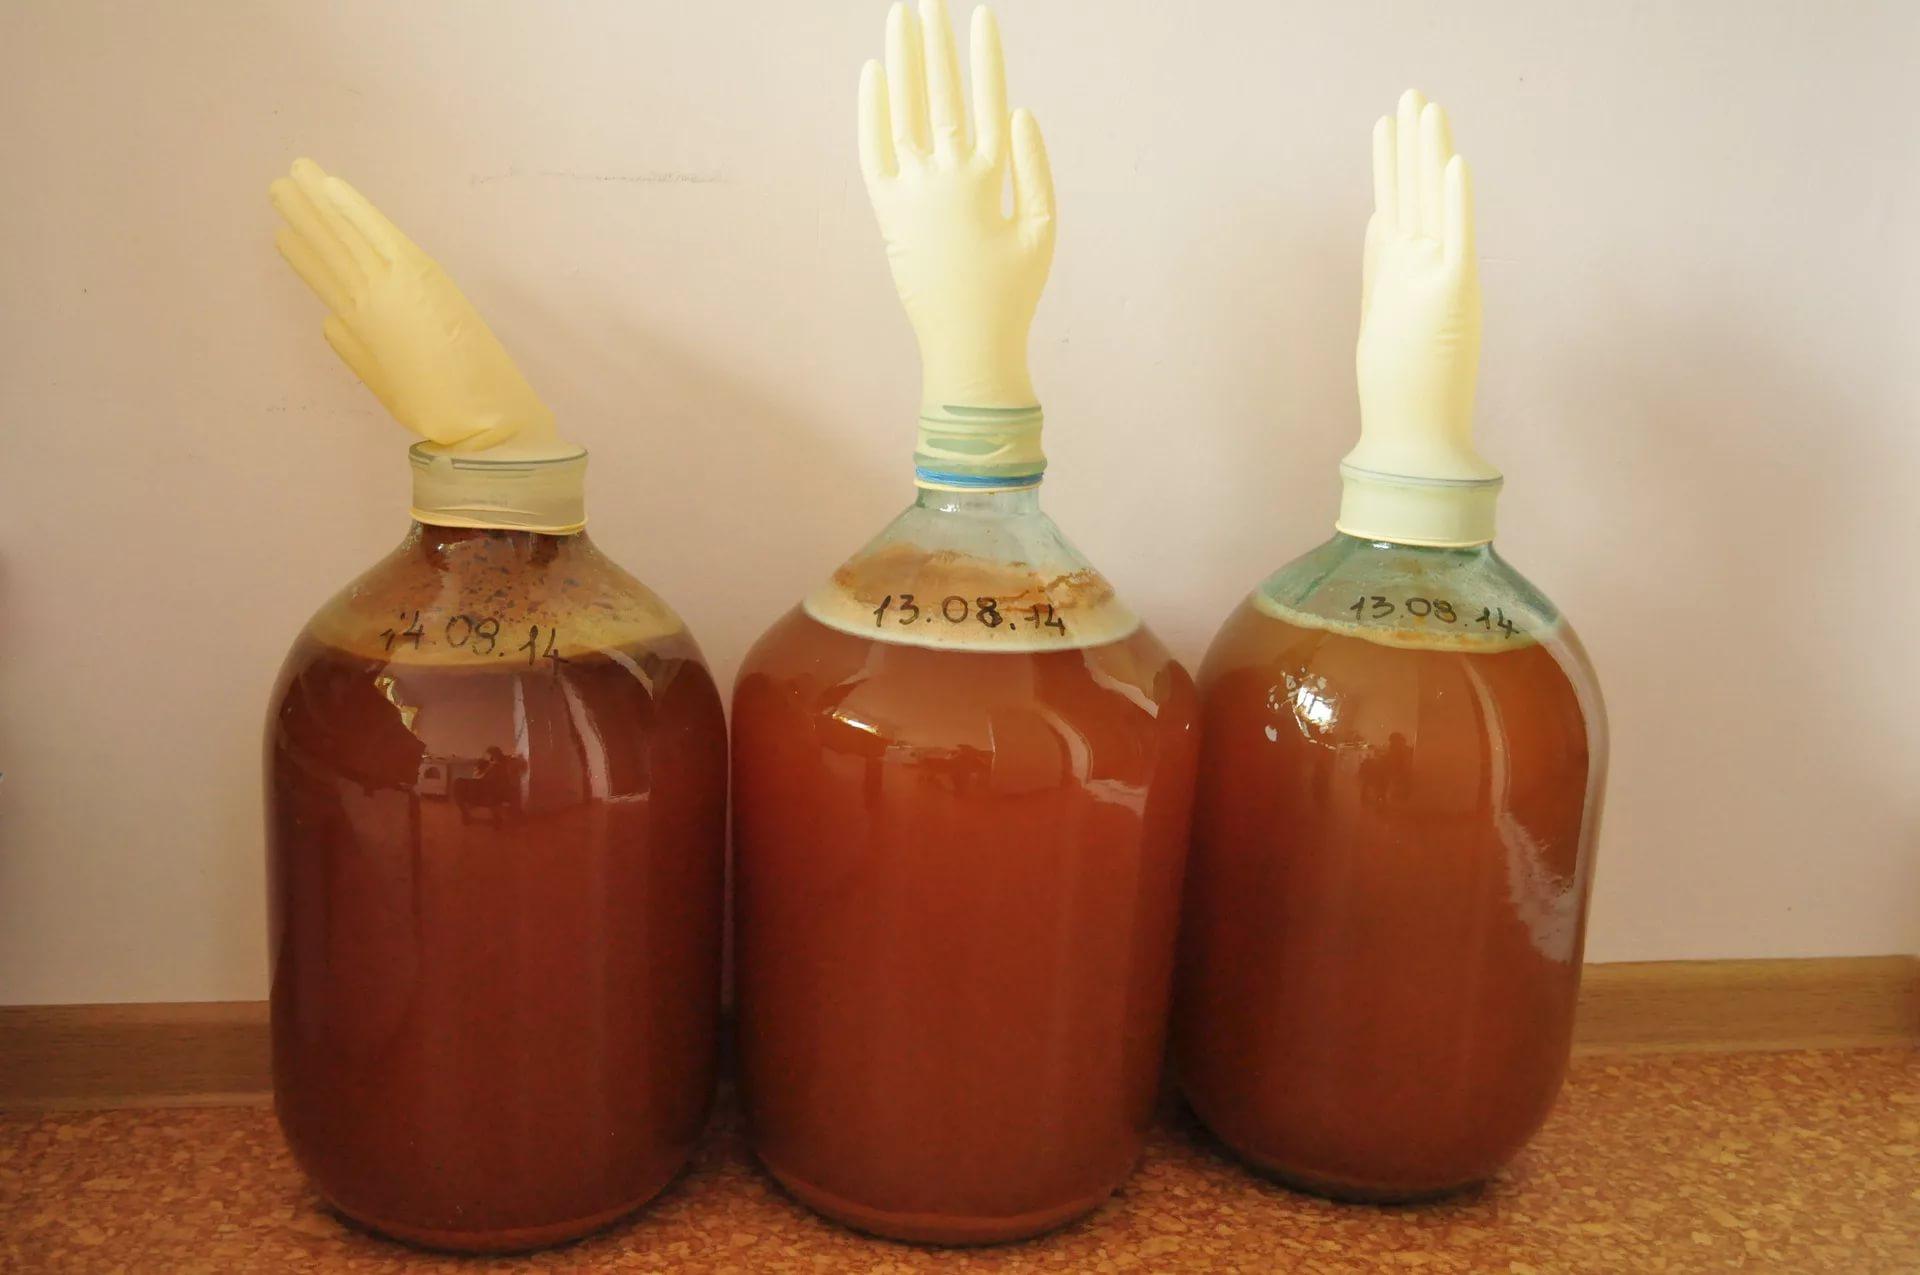 Брага из яблок для самогона: 5 рецептов в домашних условиях 59